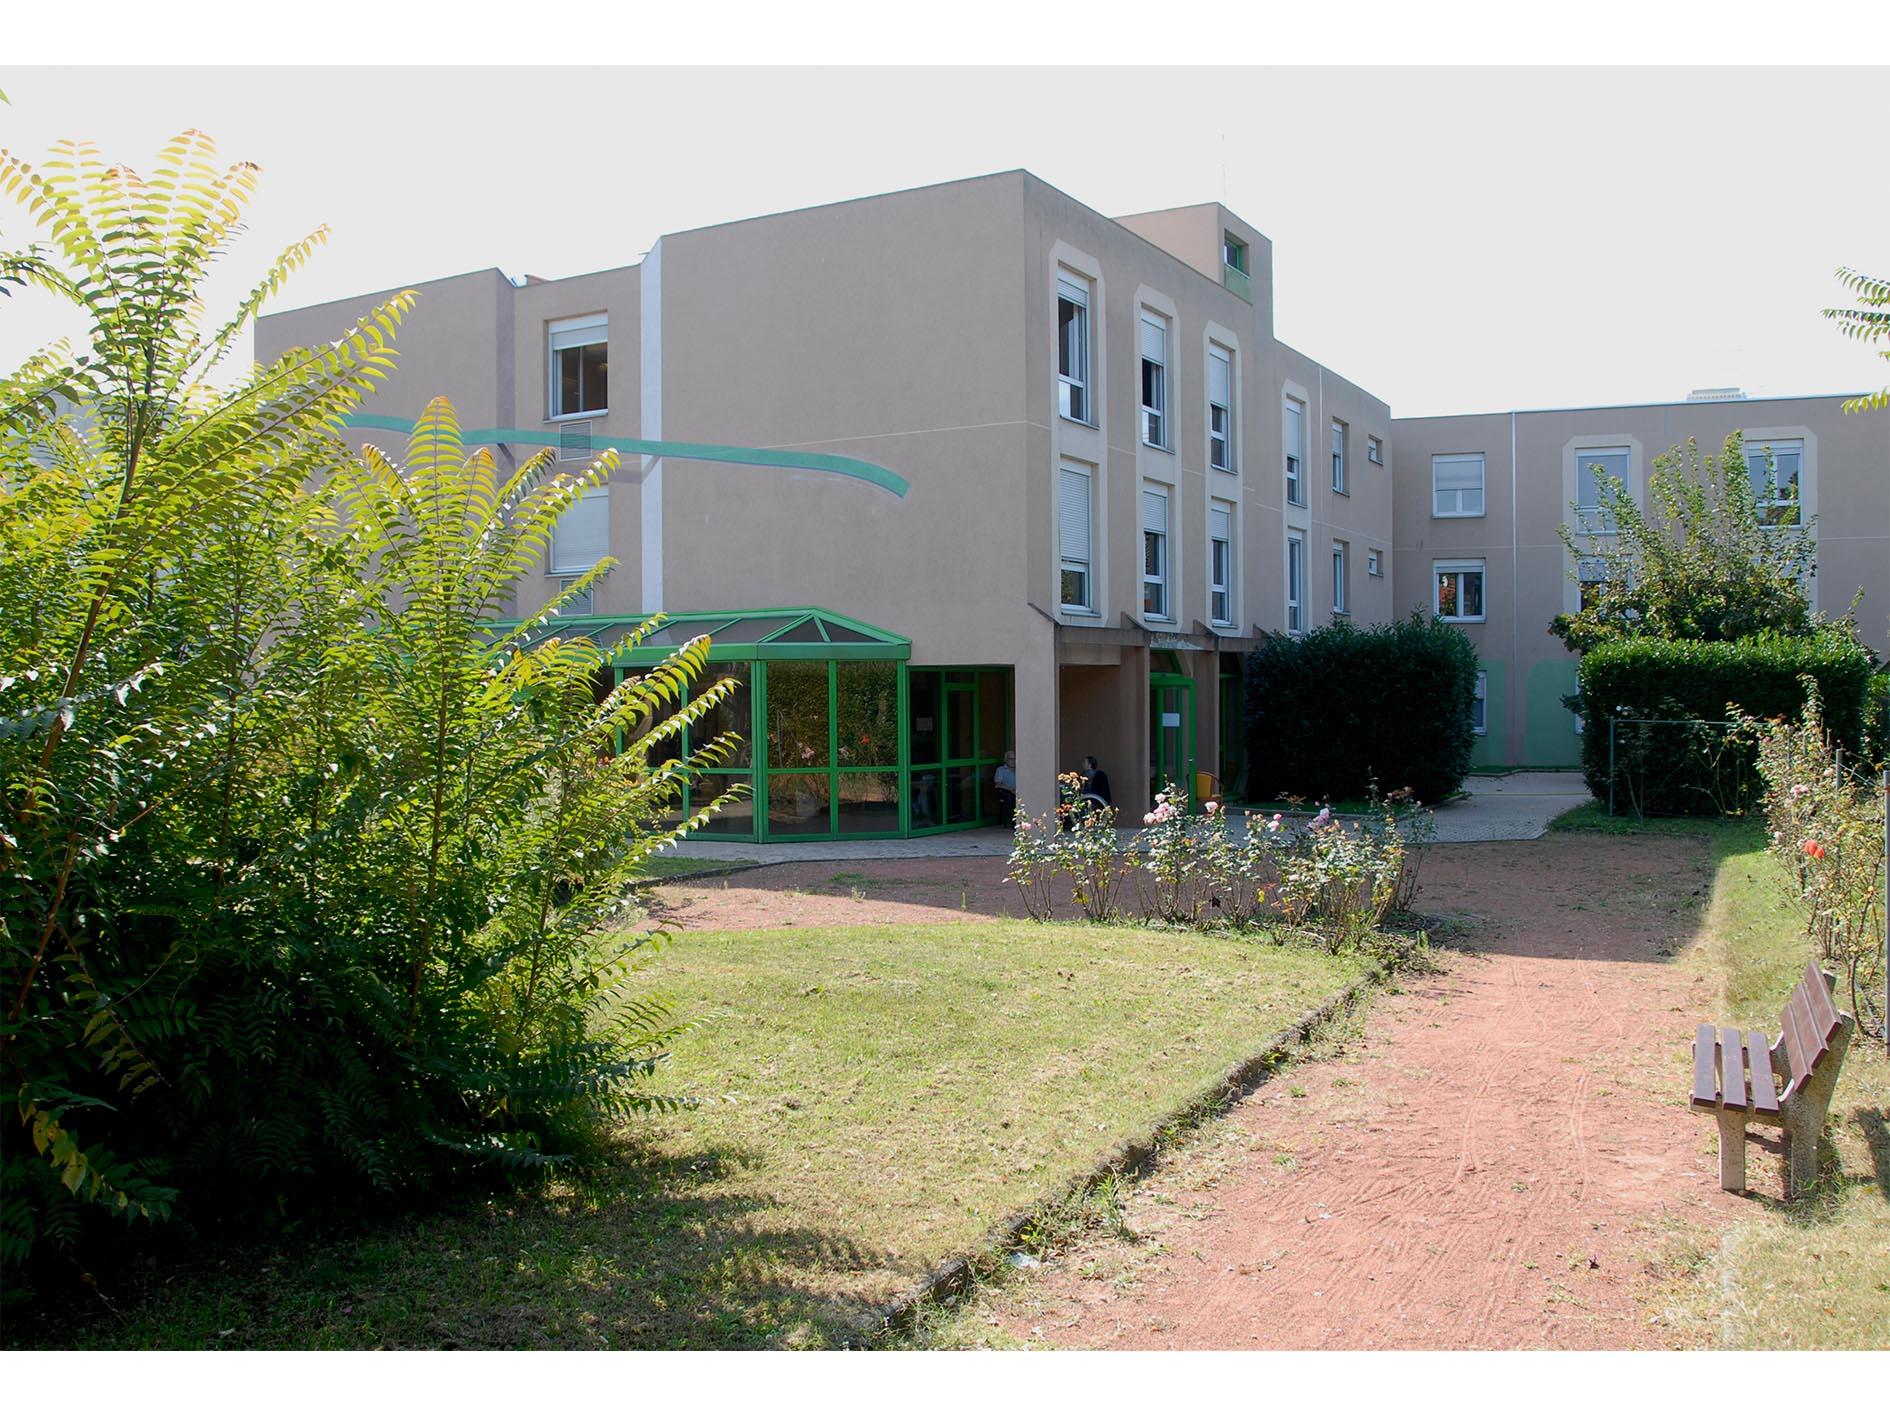 Recrutement: Auxiliaire de vie F/H chez GROUPE ACPPA à Vaulx-en-Velin